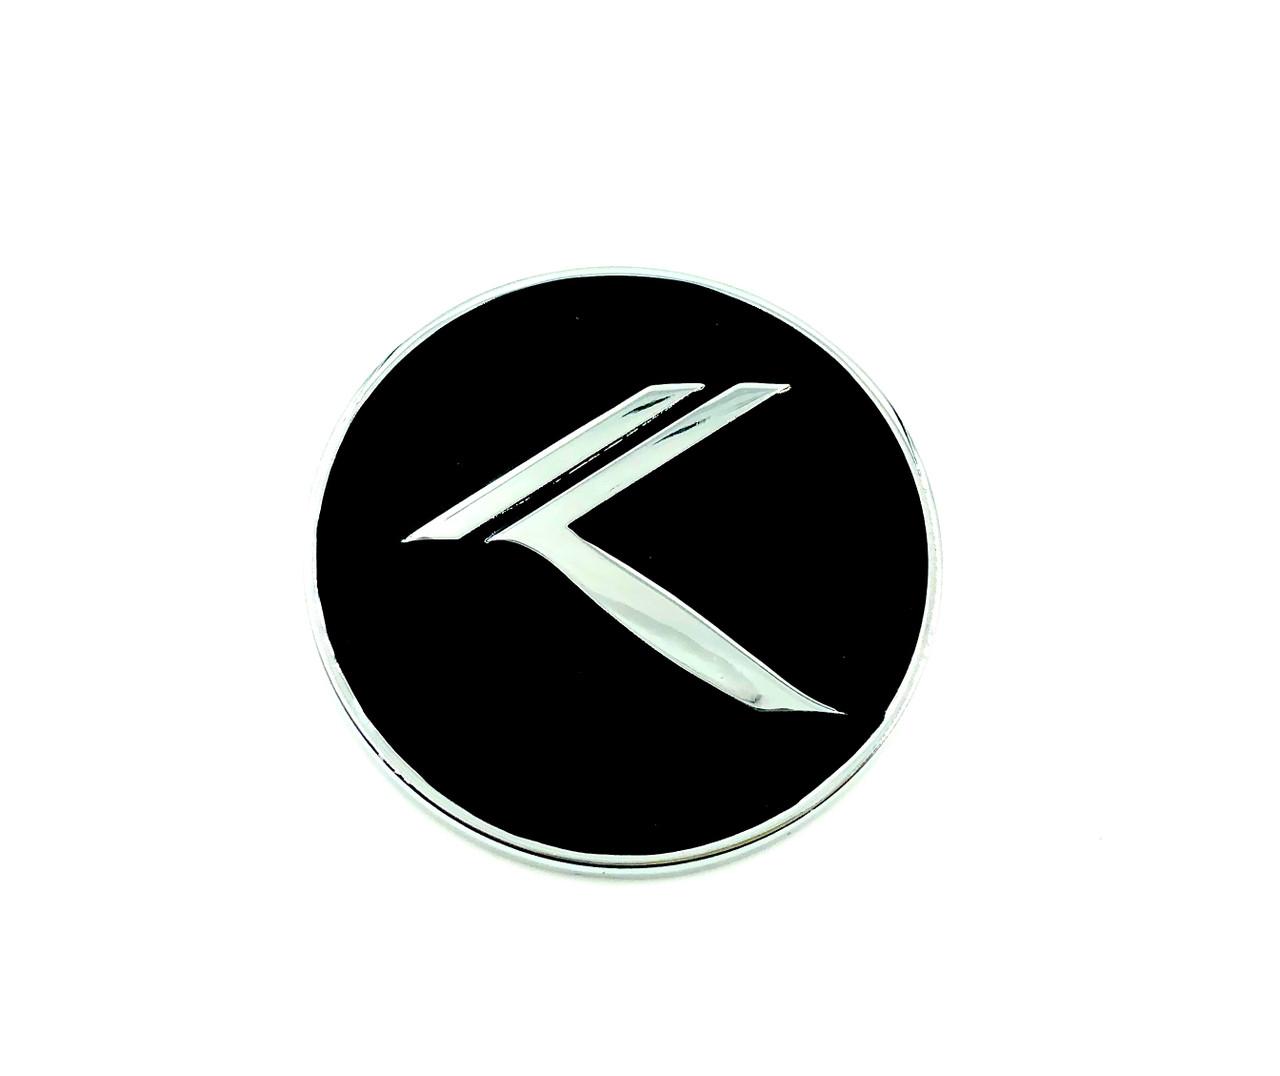 *NEW* STINGER Vintage K METAL Round Badge (6 Colors)